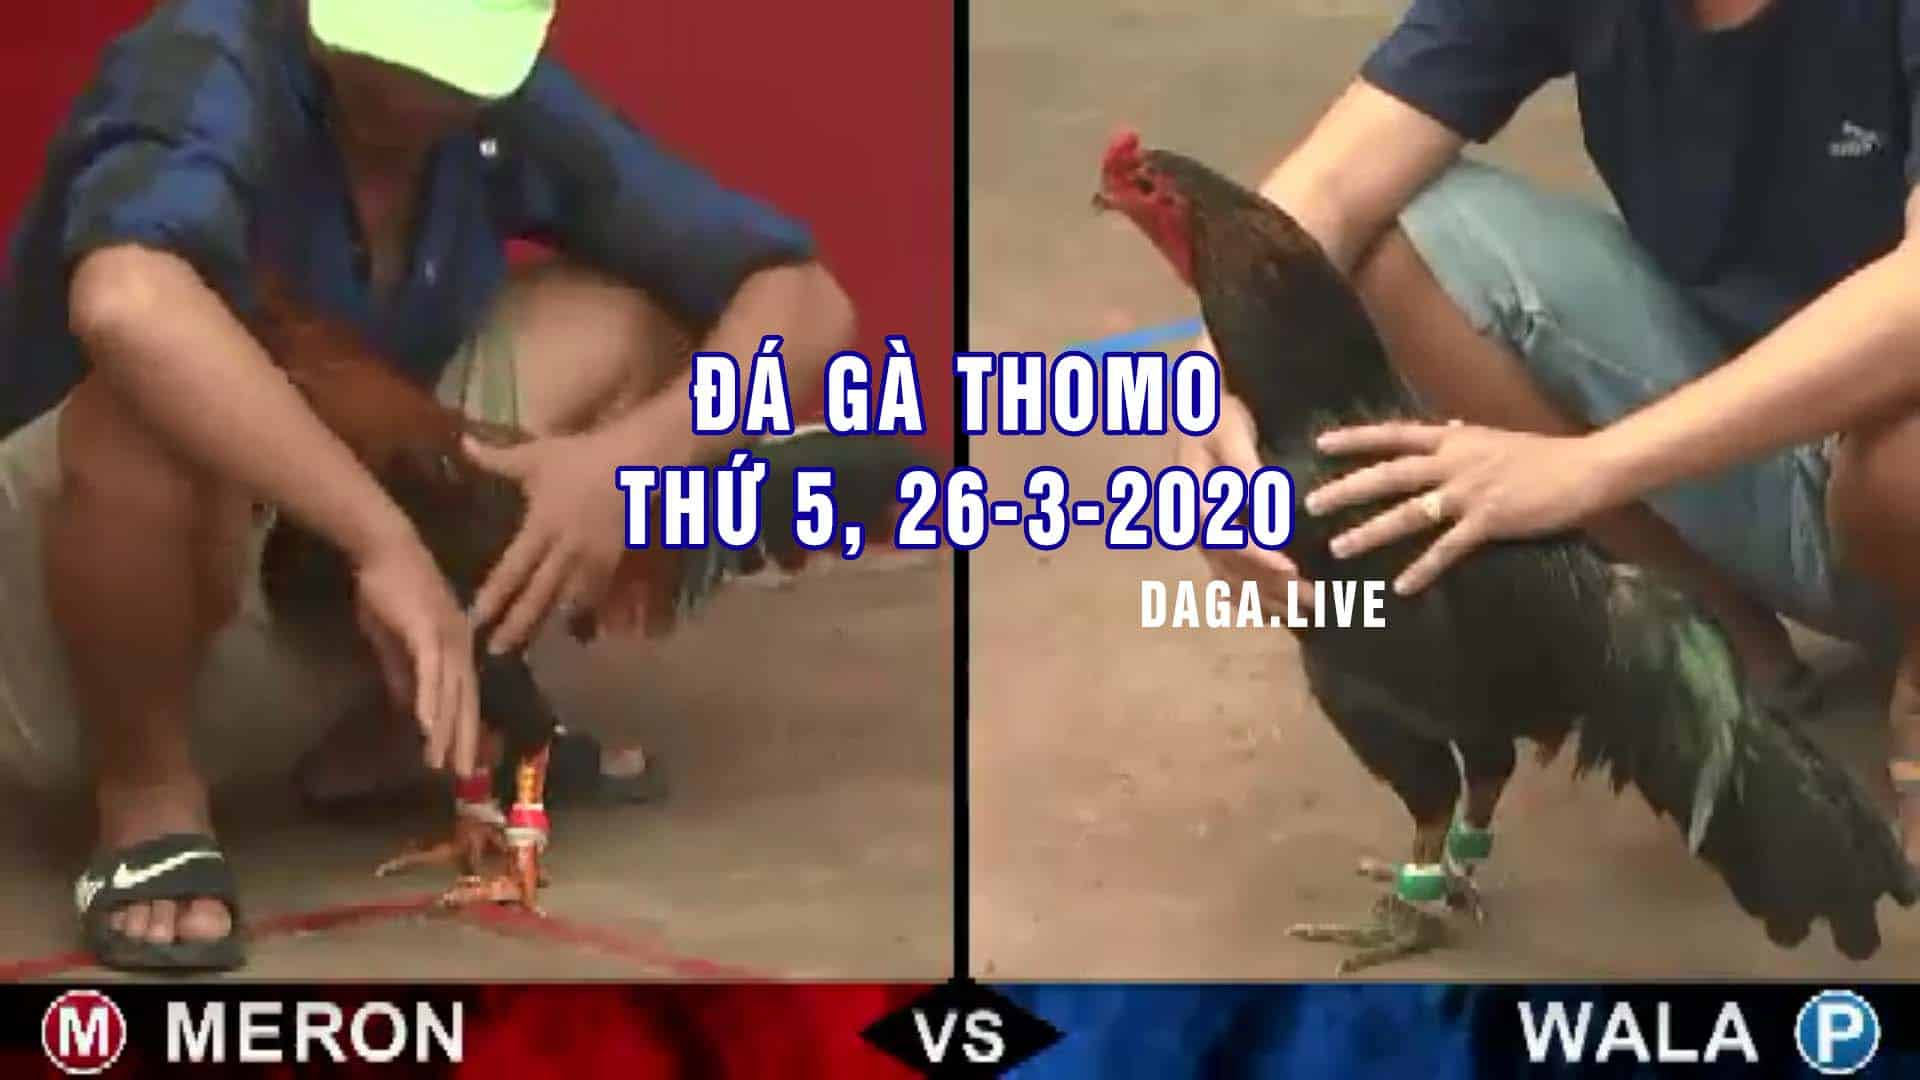 DAGA.LIVE - Đá gà thomo hôm nay, đá gà campuchia, đá gà cựa sắt, đá gà trực tiếp thứ 5 ngày 26-3-2020